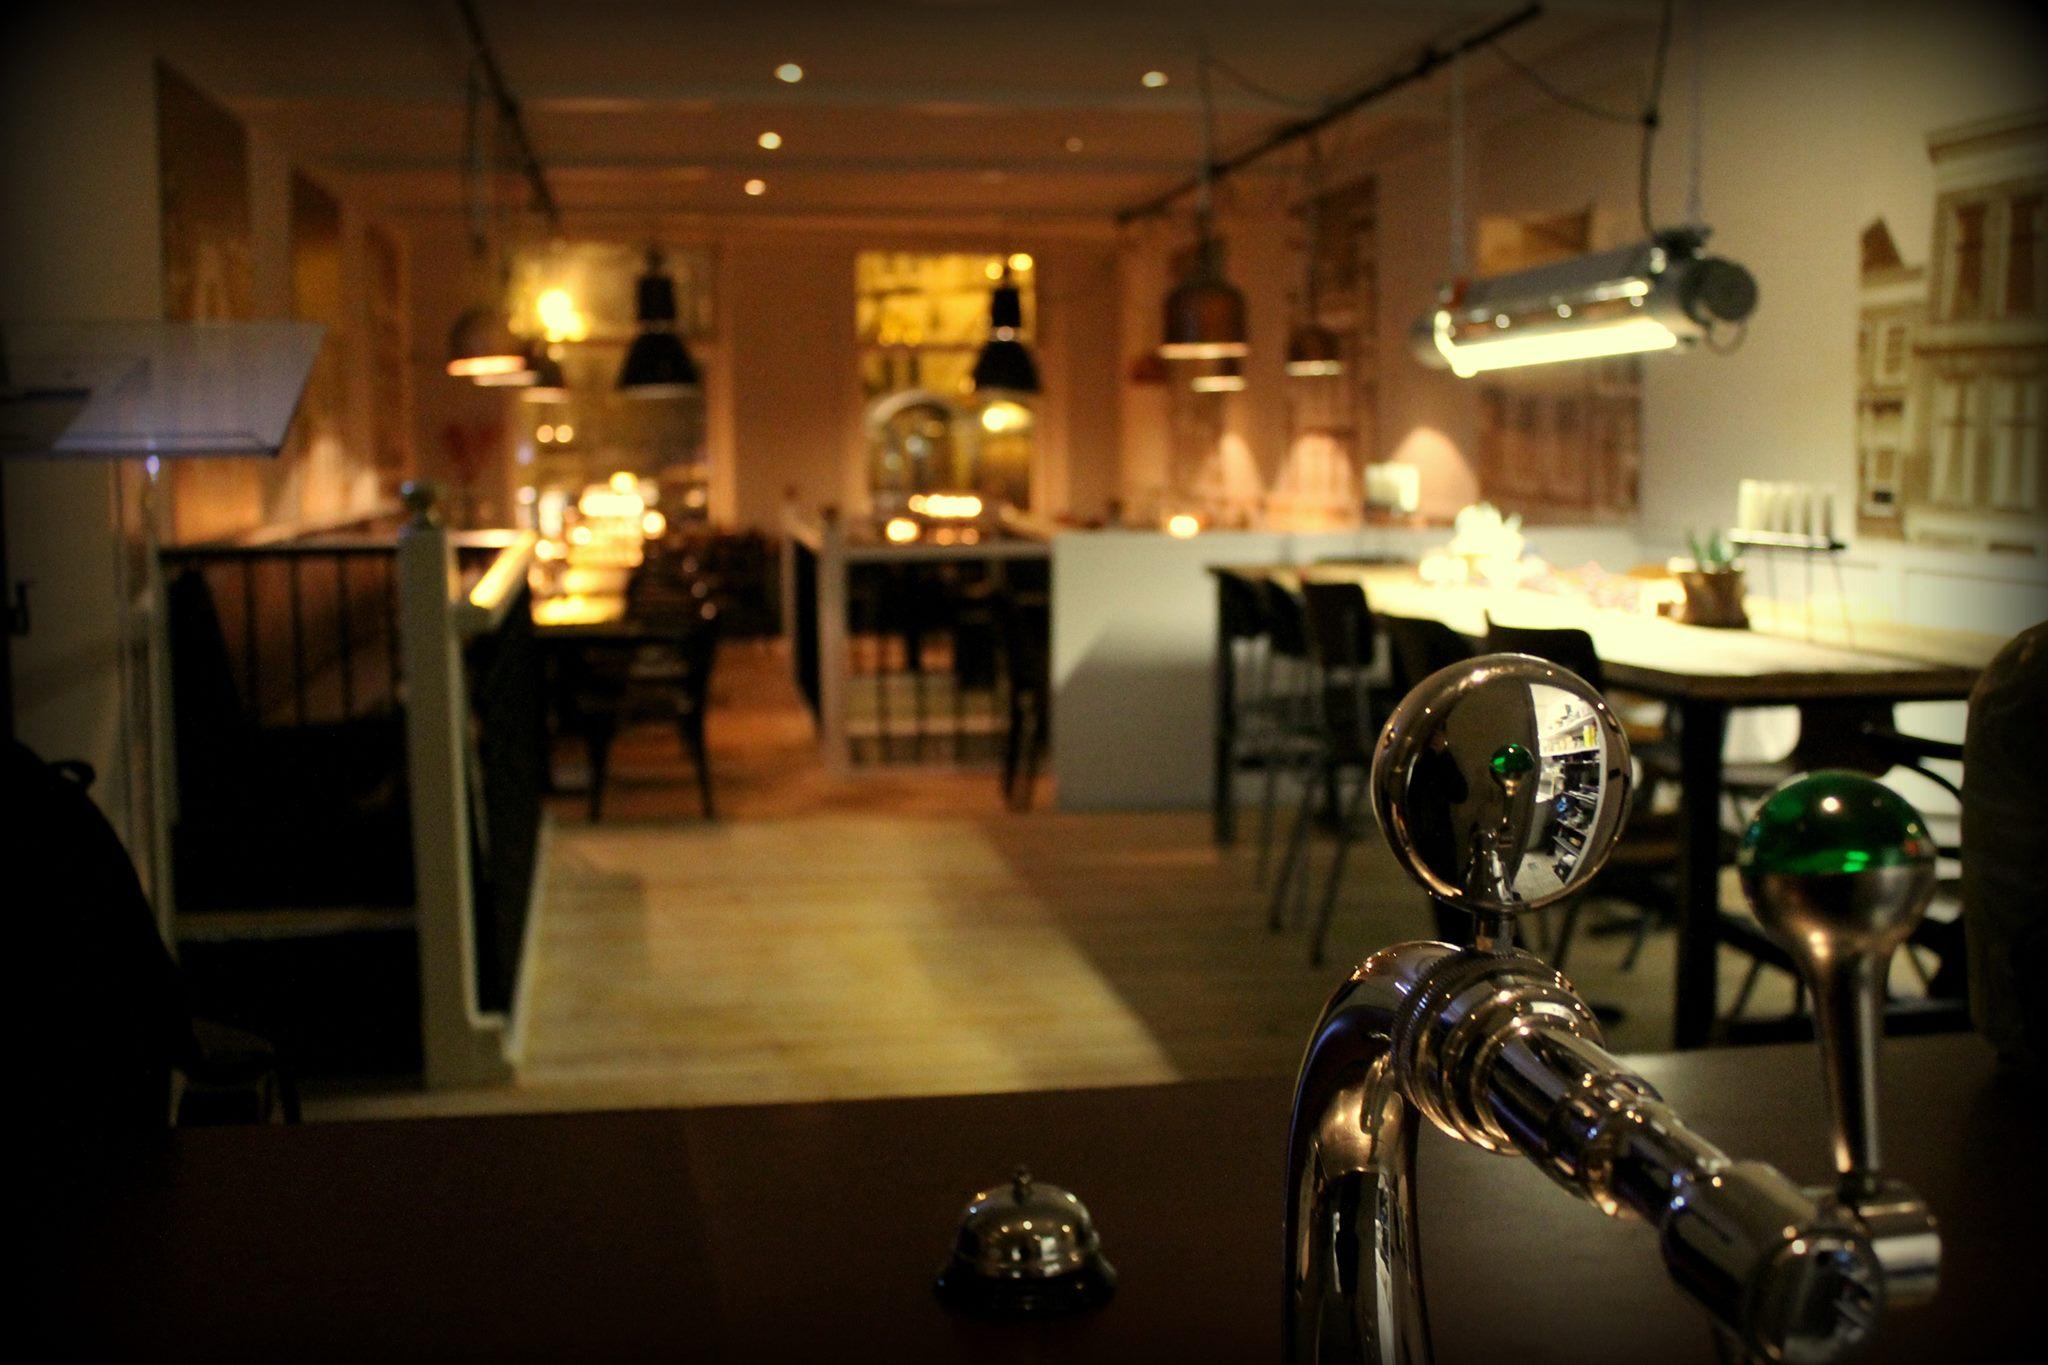 Nieuw restaurant boven de tapperij de tapperij gouda - Feestelijke bar ...